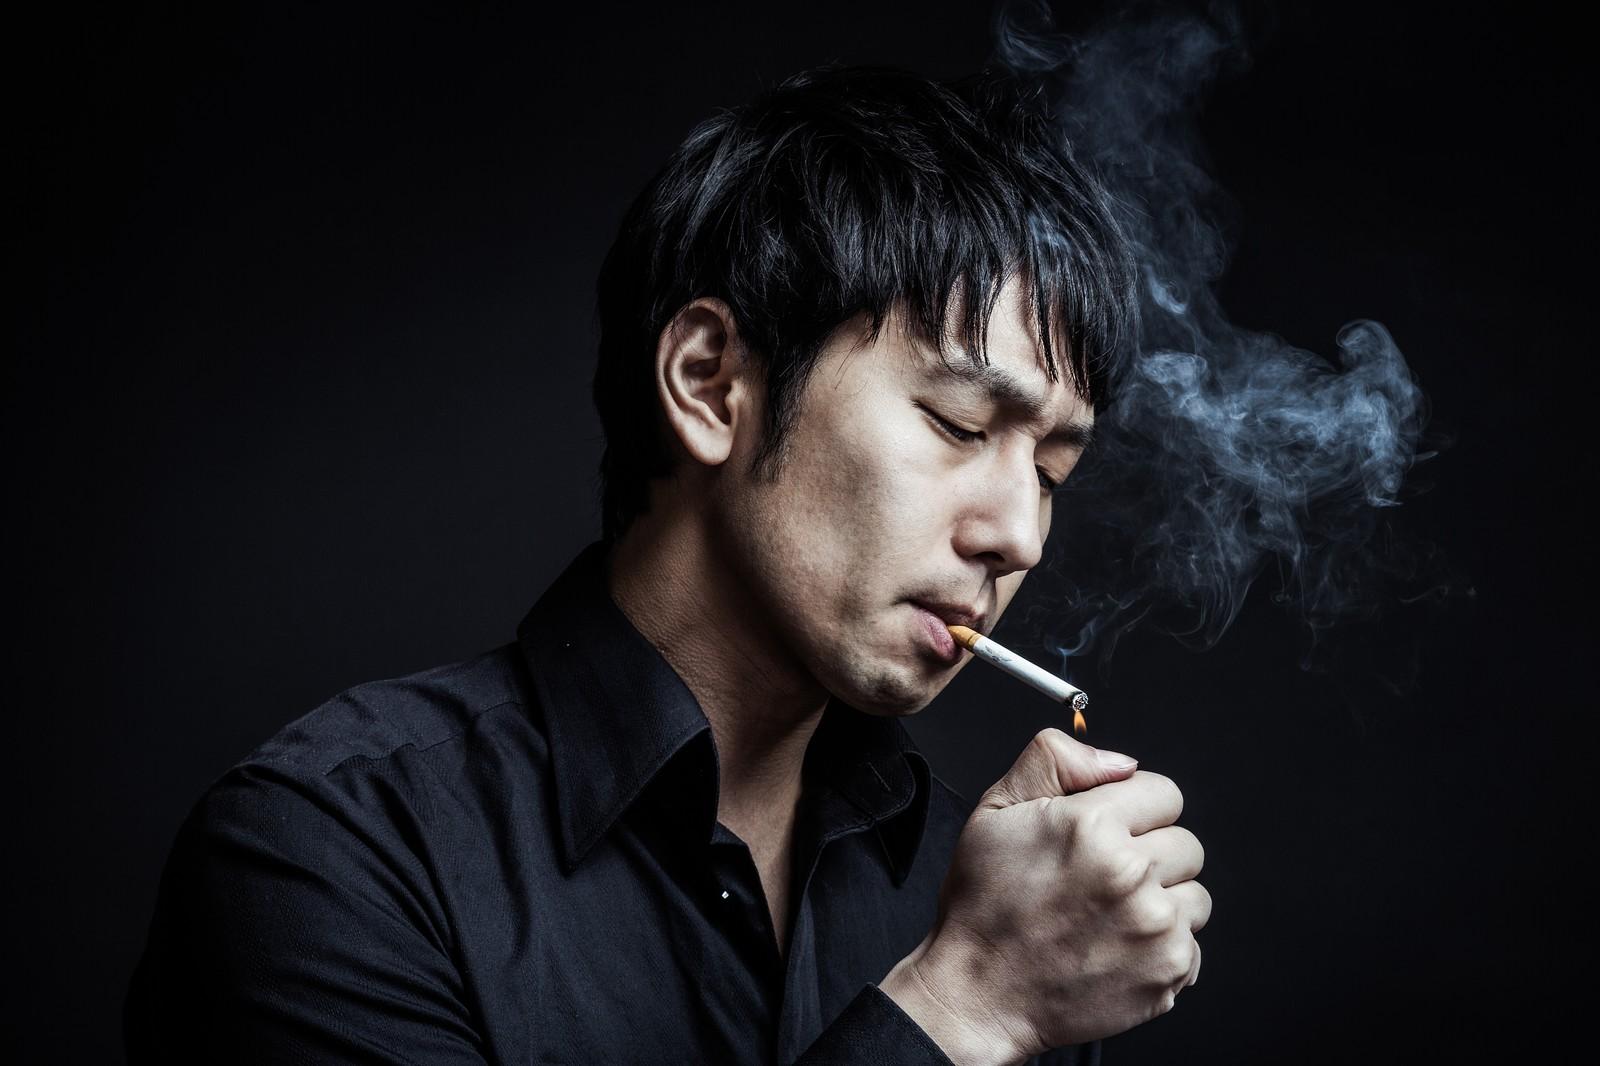 タバコが無くなったのでなんとなく禁煙してみた